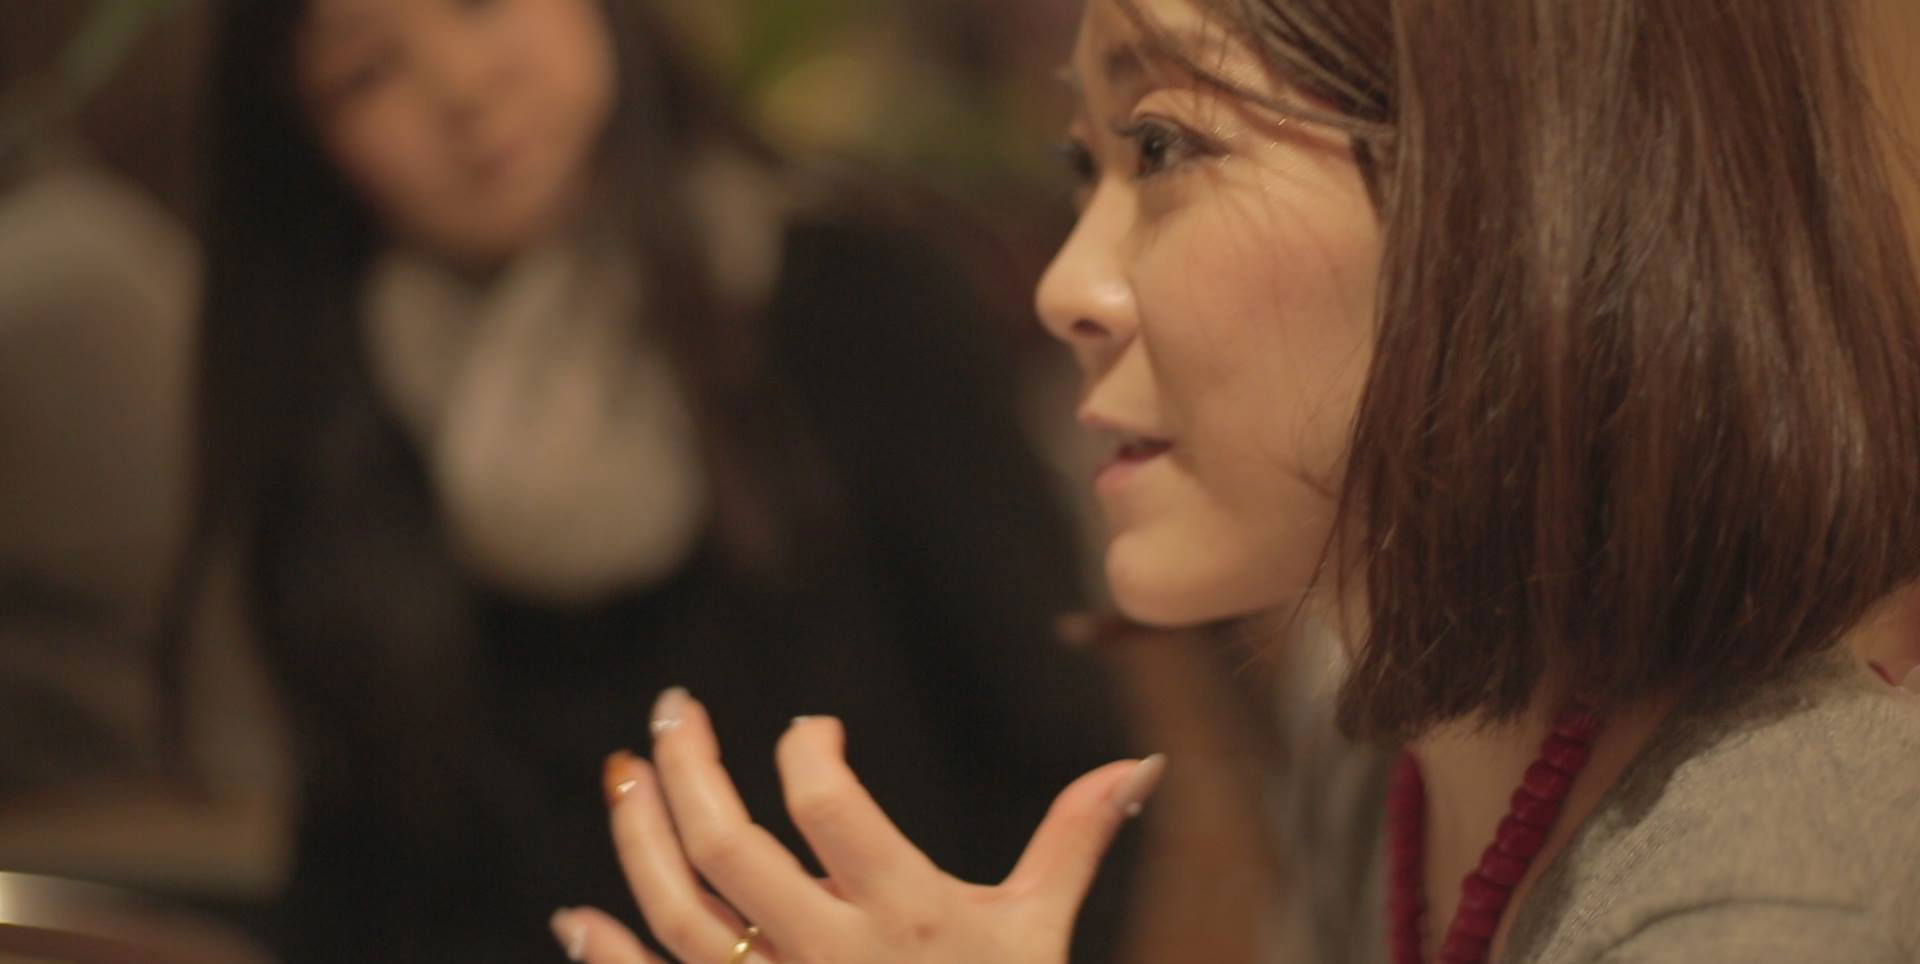 初公開!ママプレナーズを立ち上げるまでの背景(前編)| 柳澤由香のblog #010